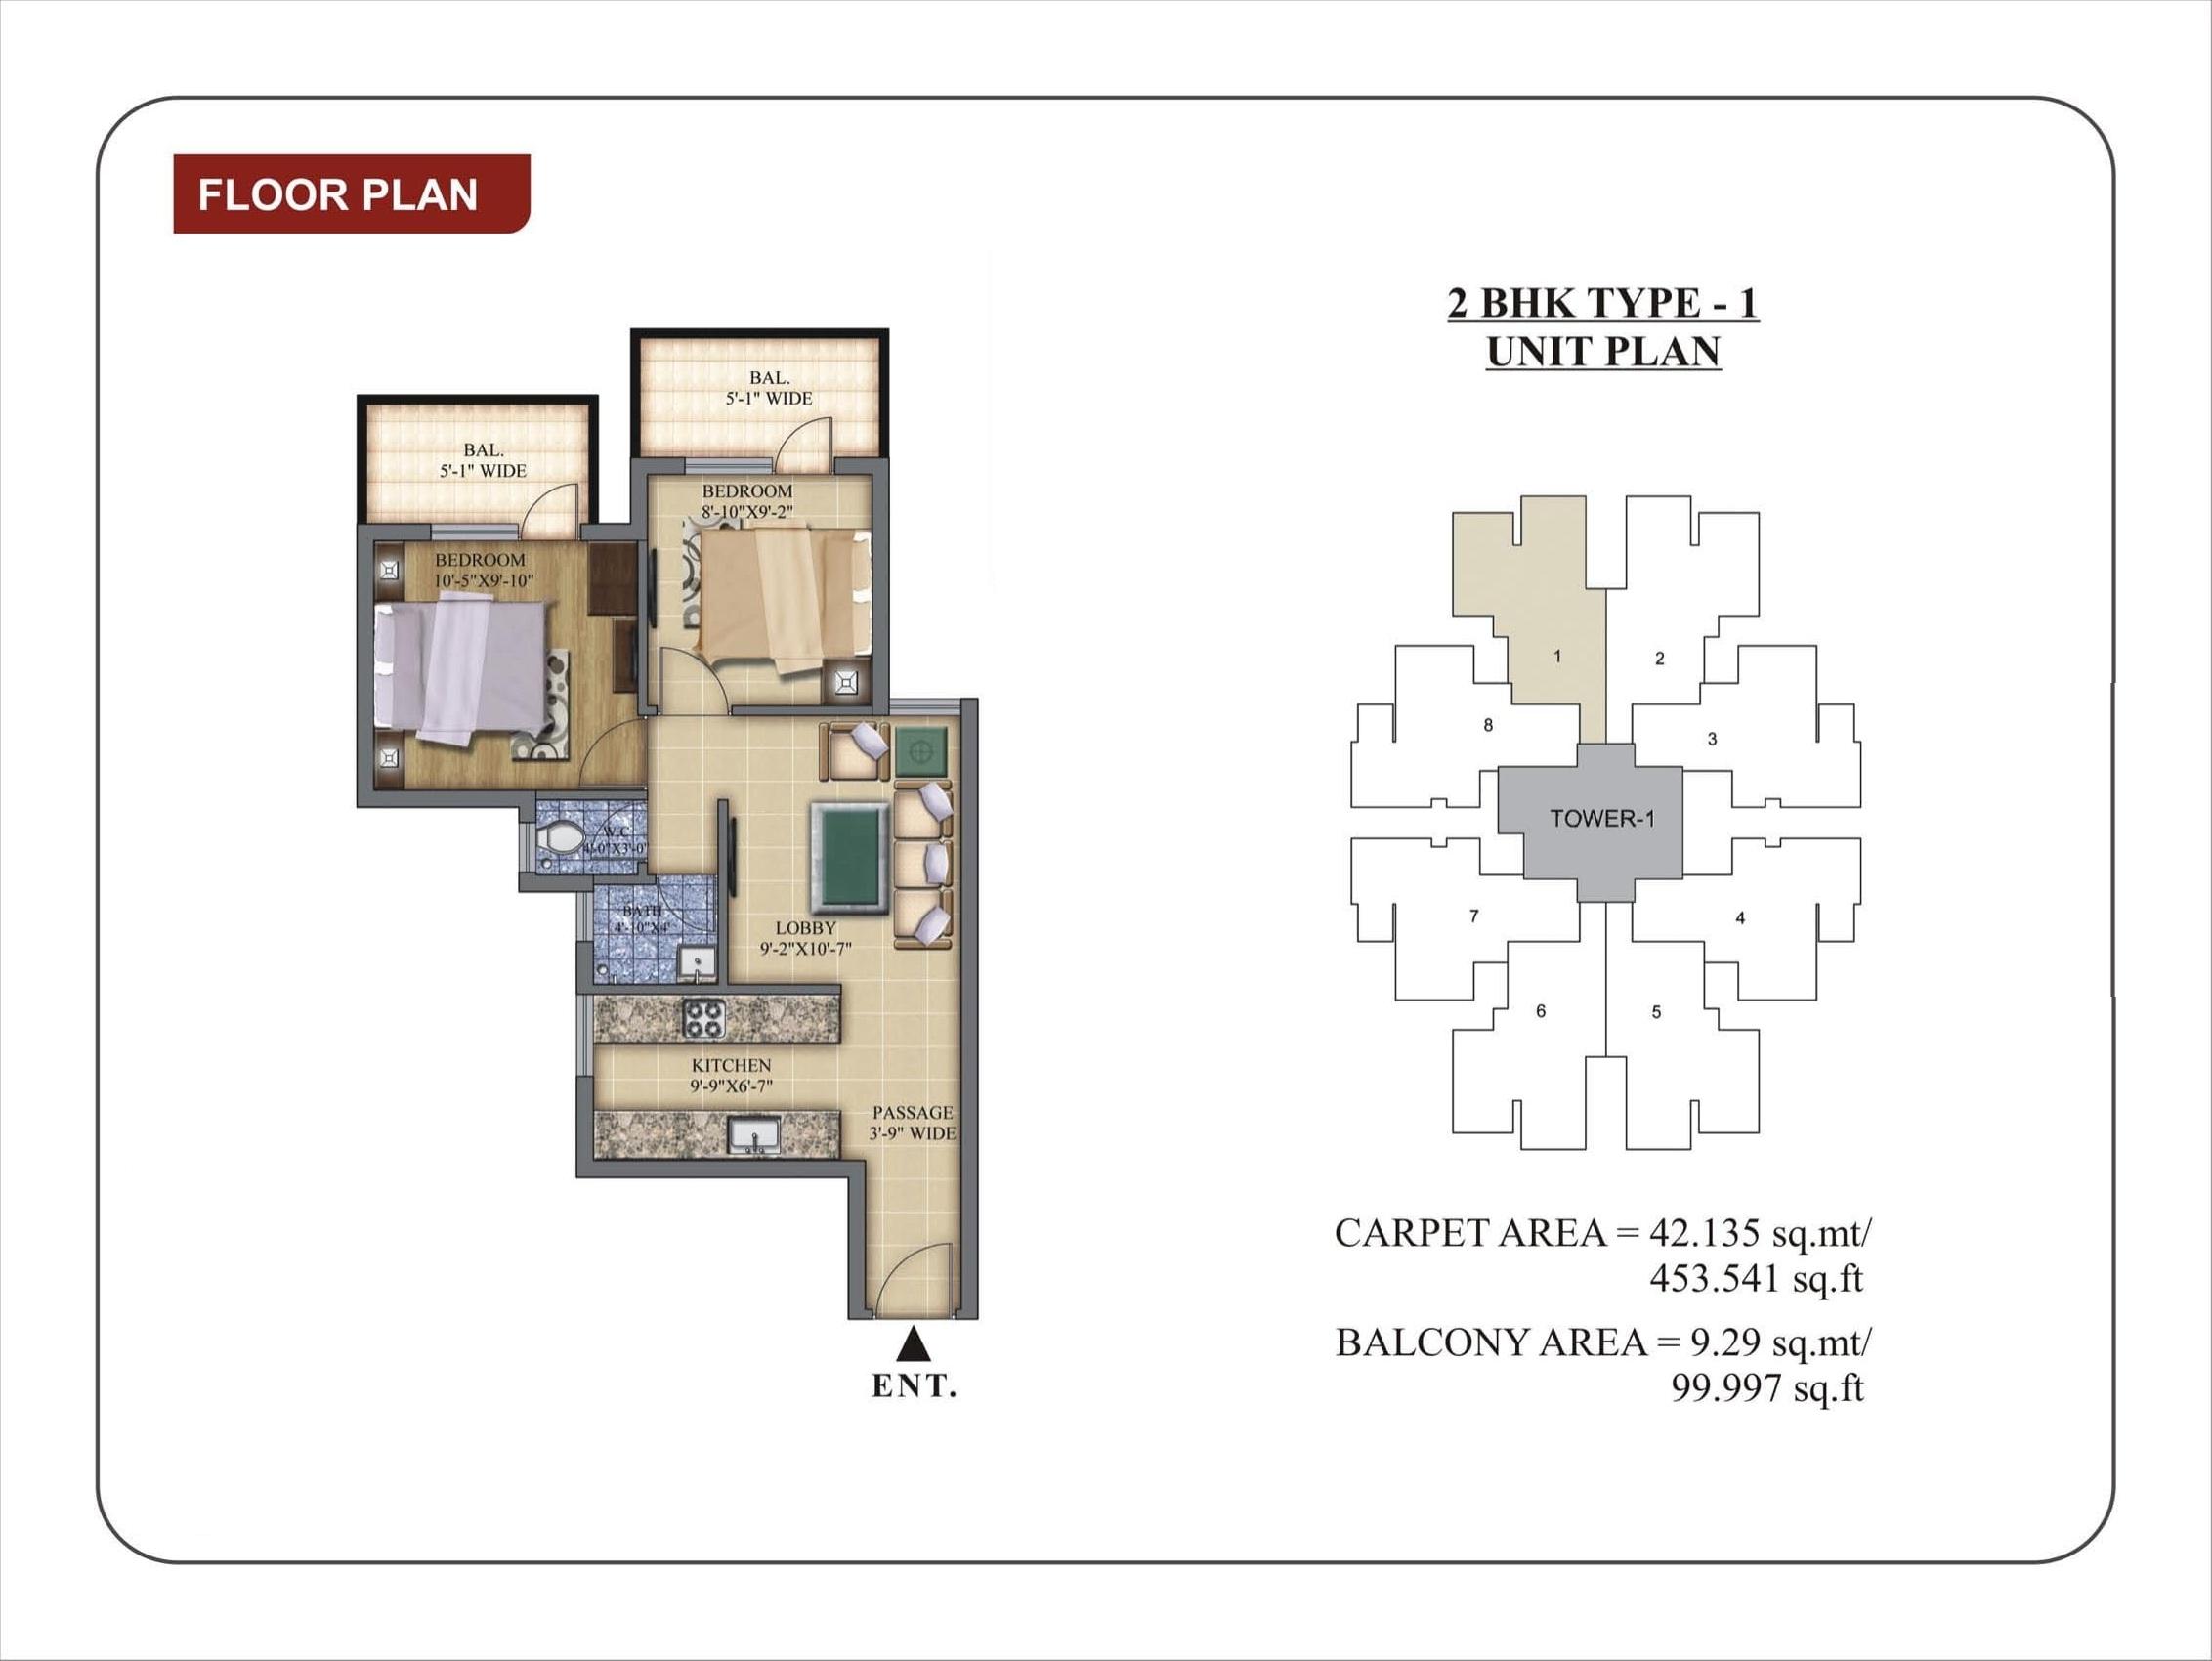 2 BHK-1 Layout Plan